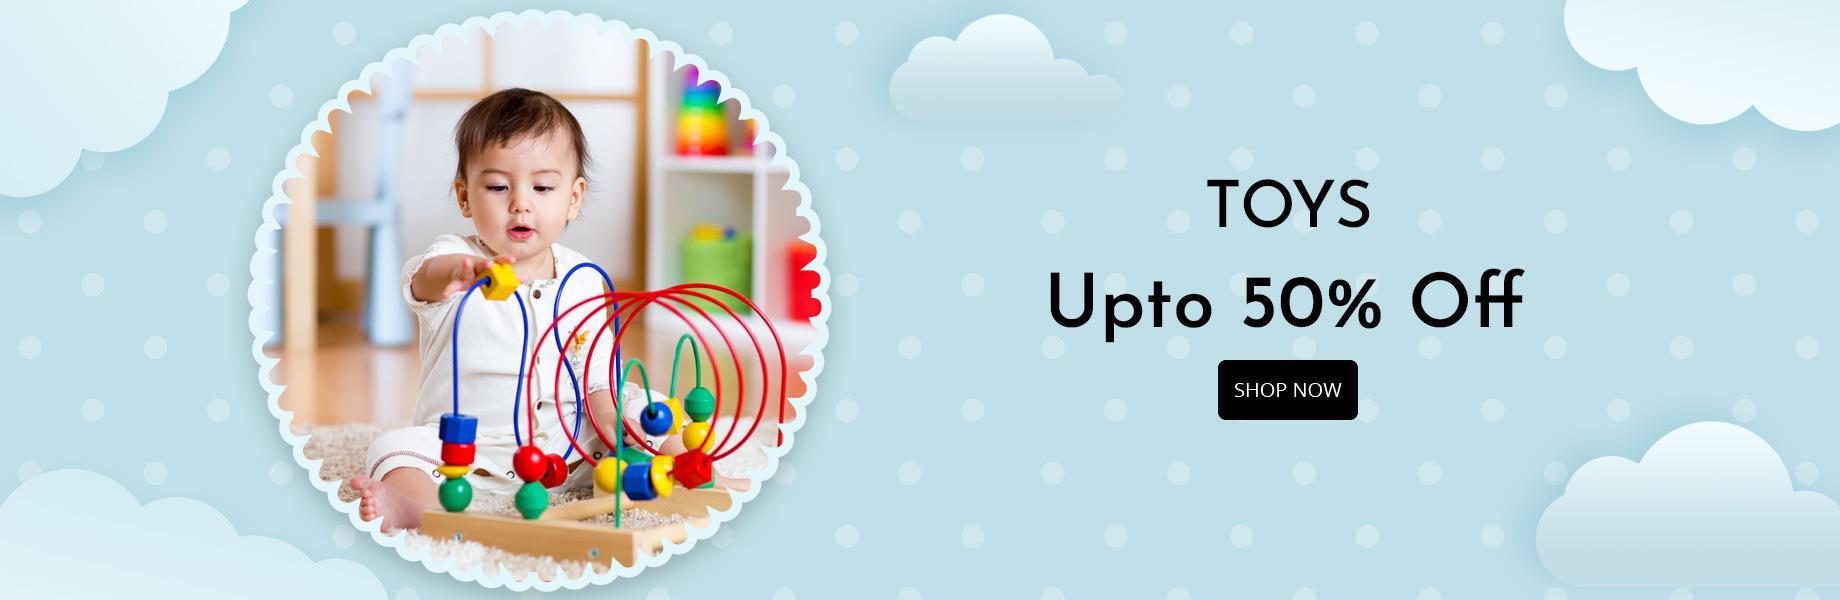 Kids-Page-Carousals-Toys-Web.jpg